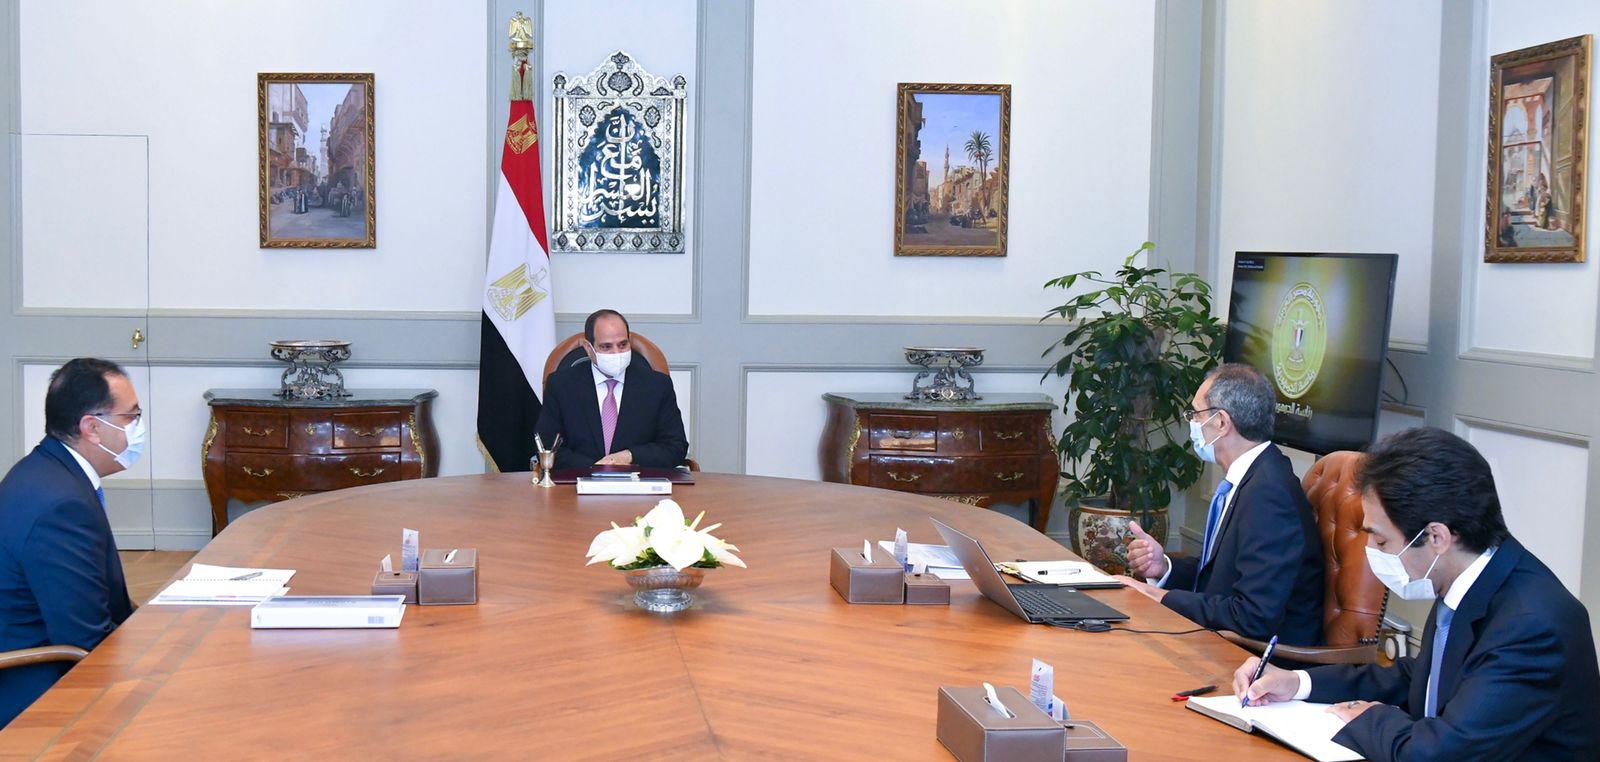 الرئيس السيسي يتابع المشروعات الإستراتيجية الخاصة بقطاع الاتصالات وتكنولوجيا المعلومات